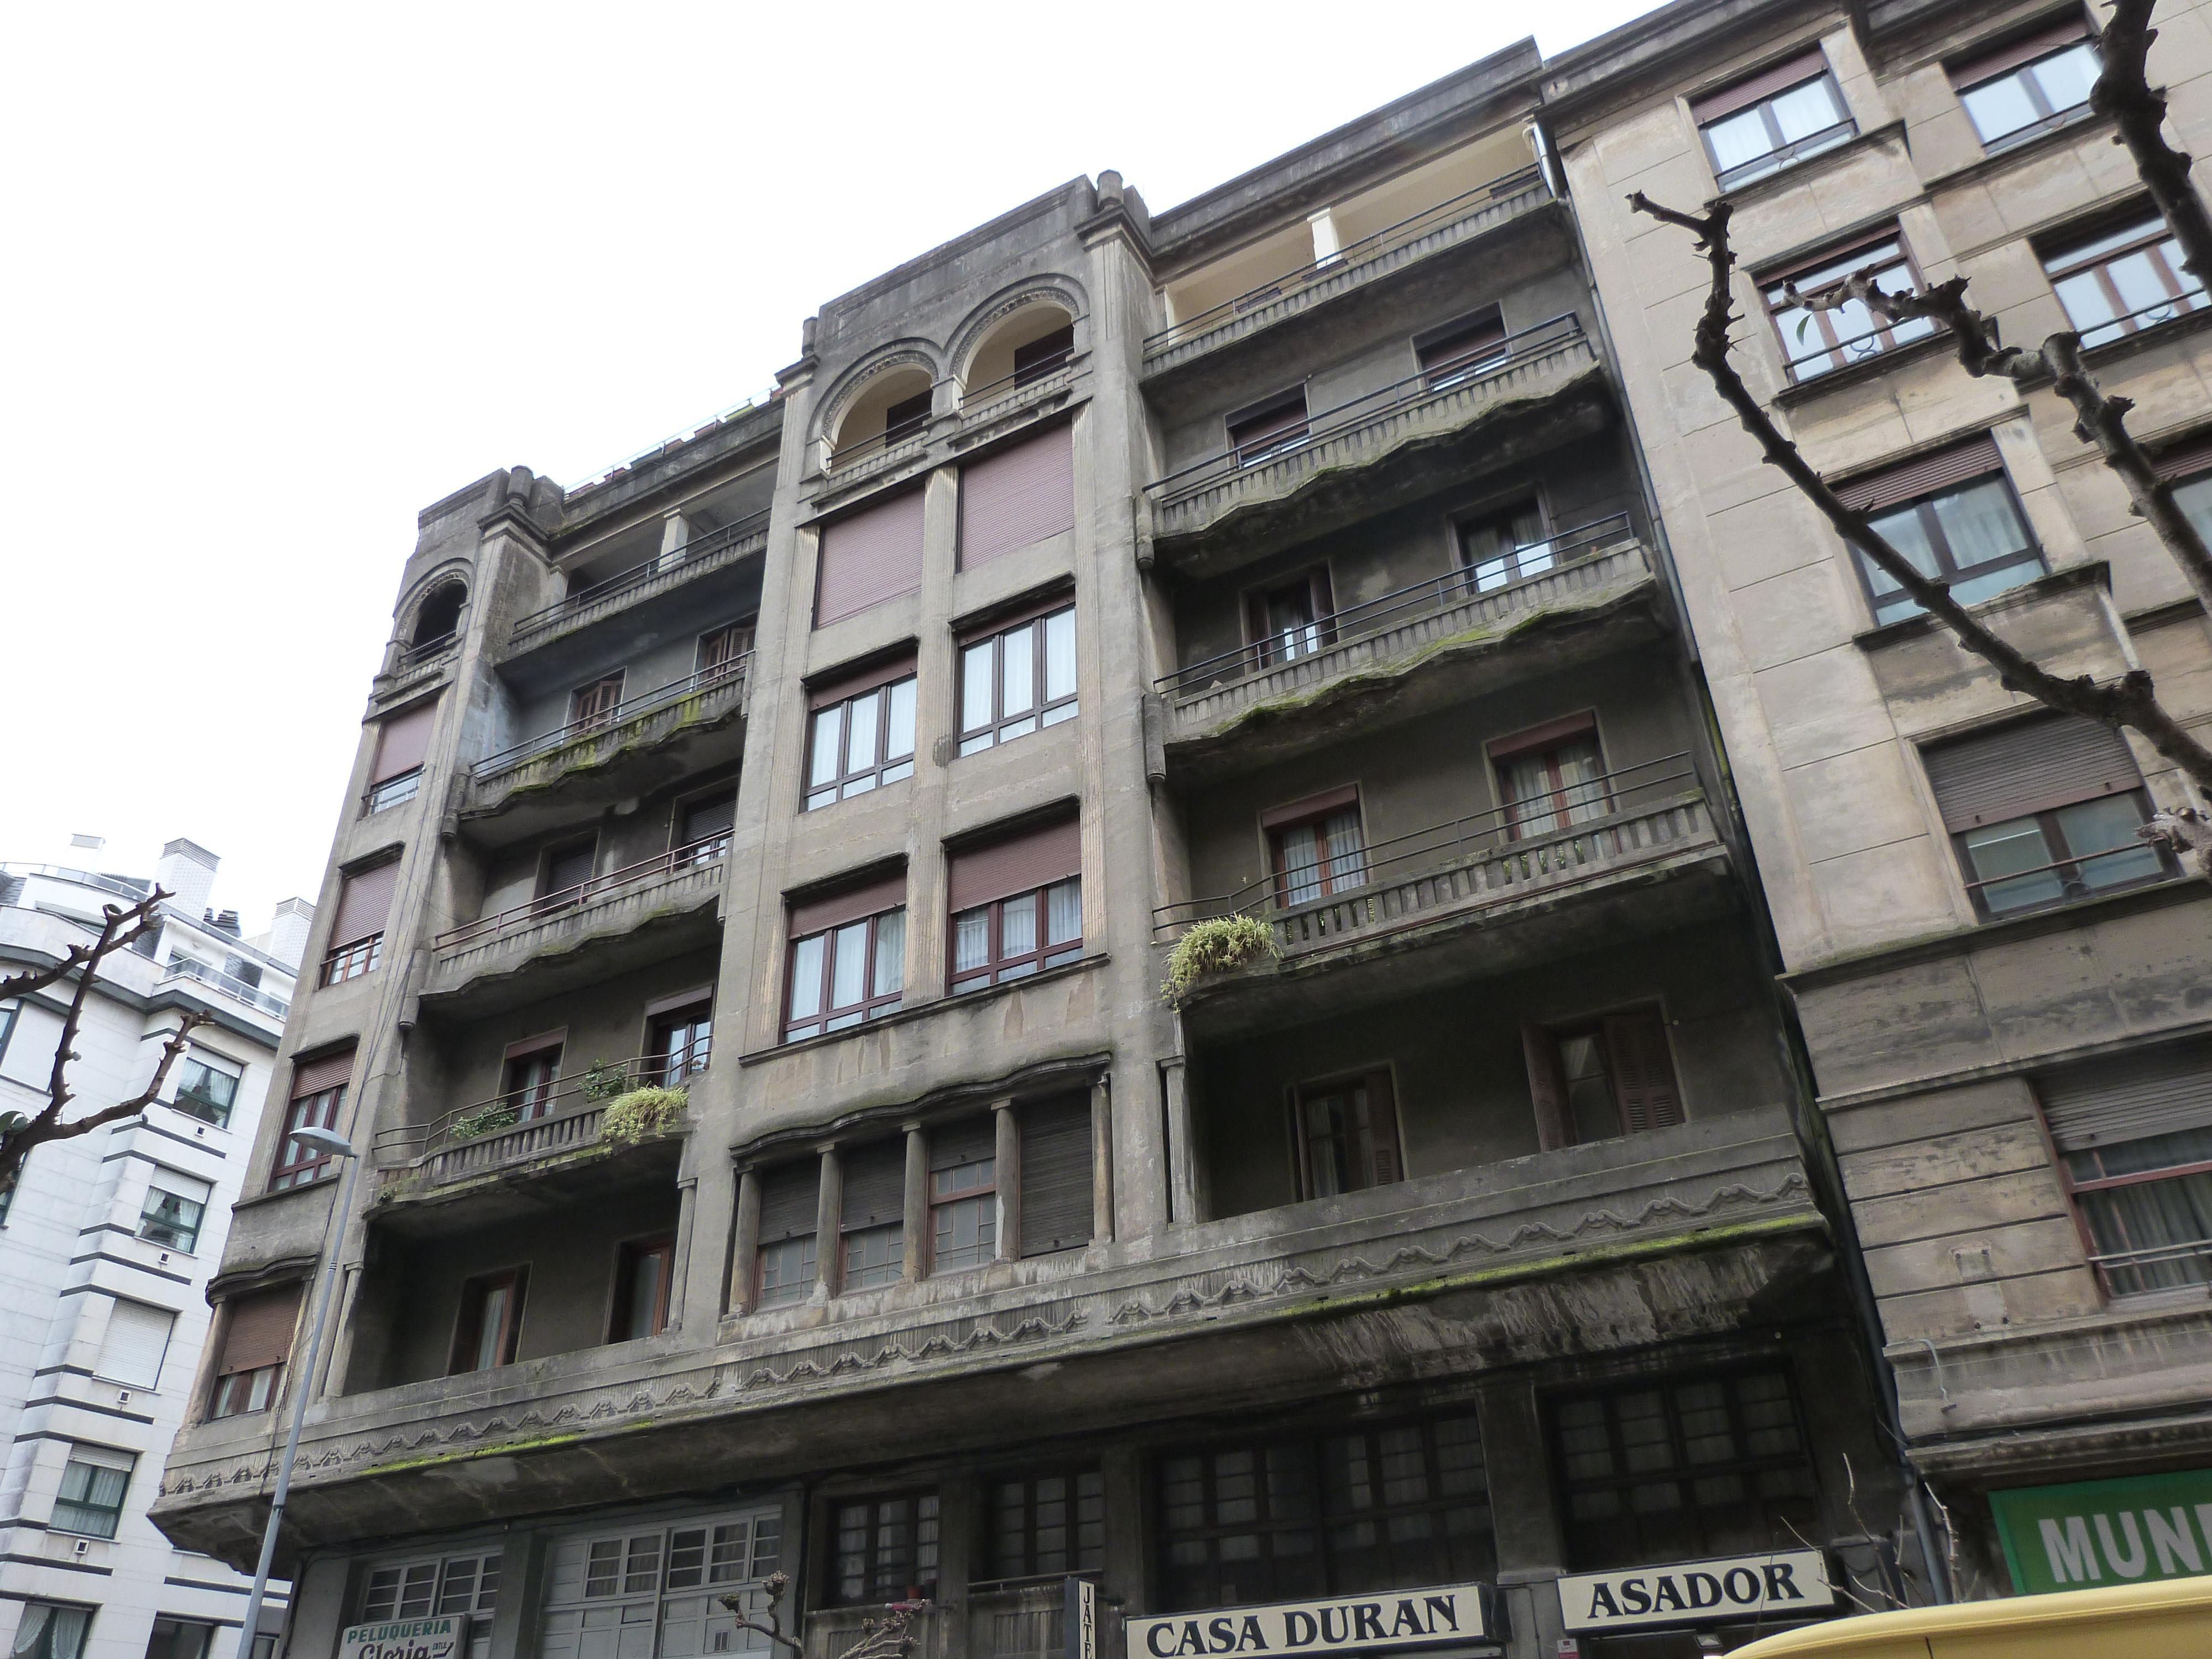 imagen 3 de noticia: termina-el-proyecto-bim-passivehouse-que-lidera-kursaal-y-en-el-que-tambin-participan-frl-arquitectos-y-eraikune